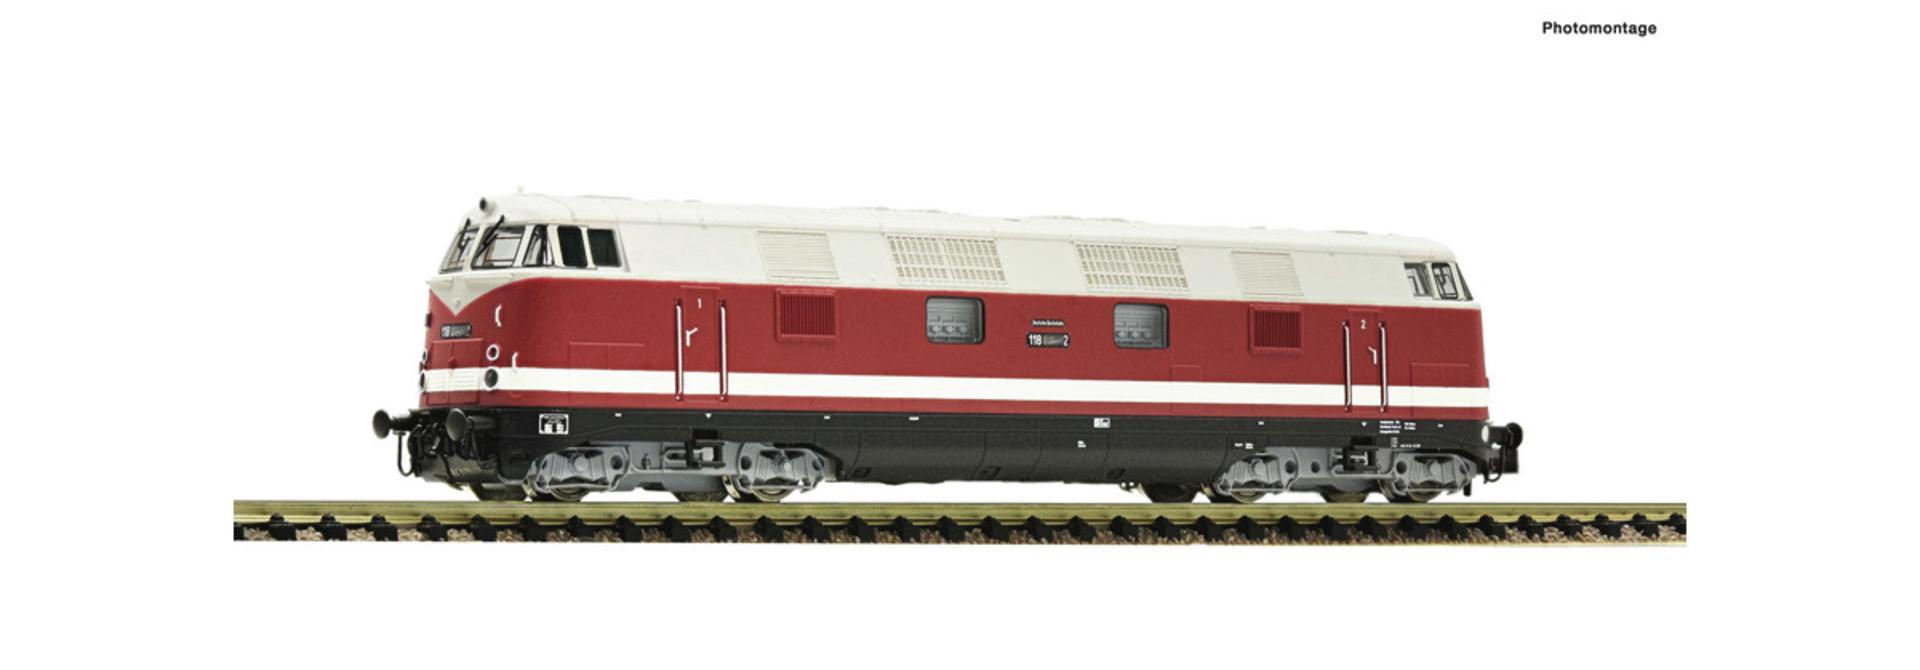 721401 Diesellok BR 118 der DR